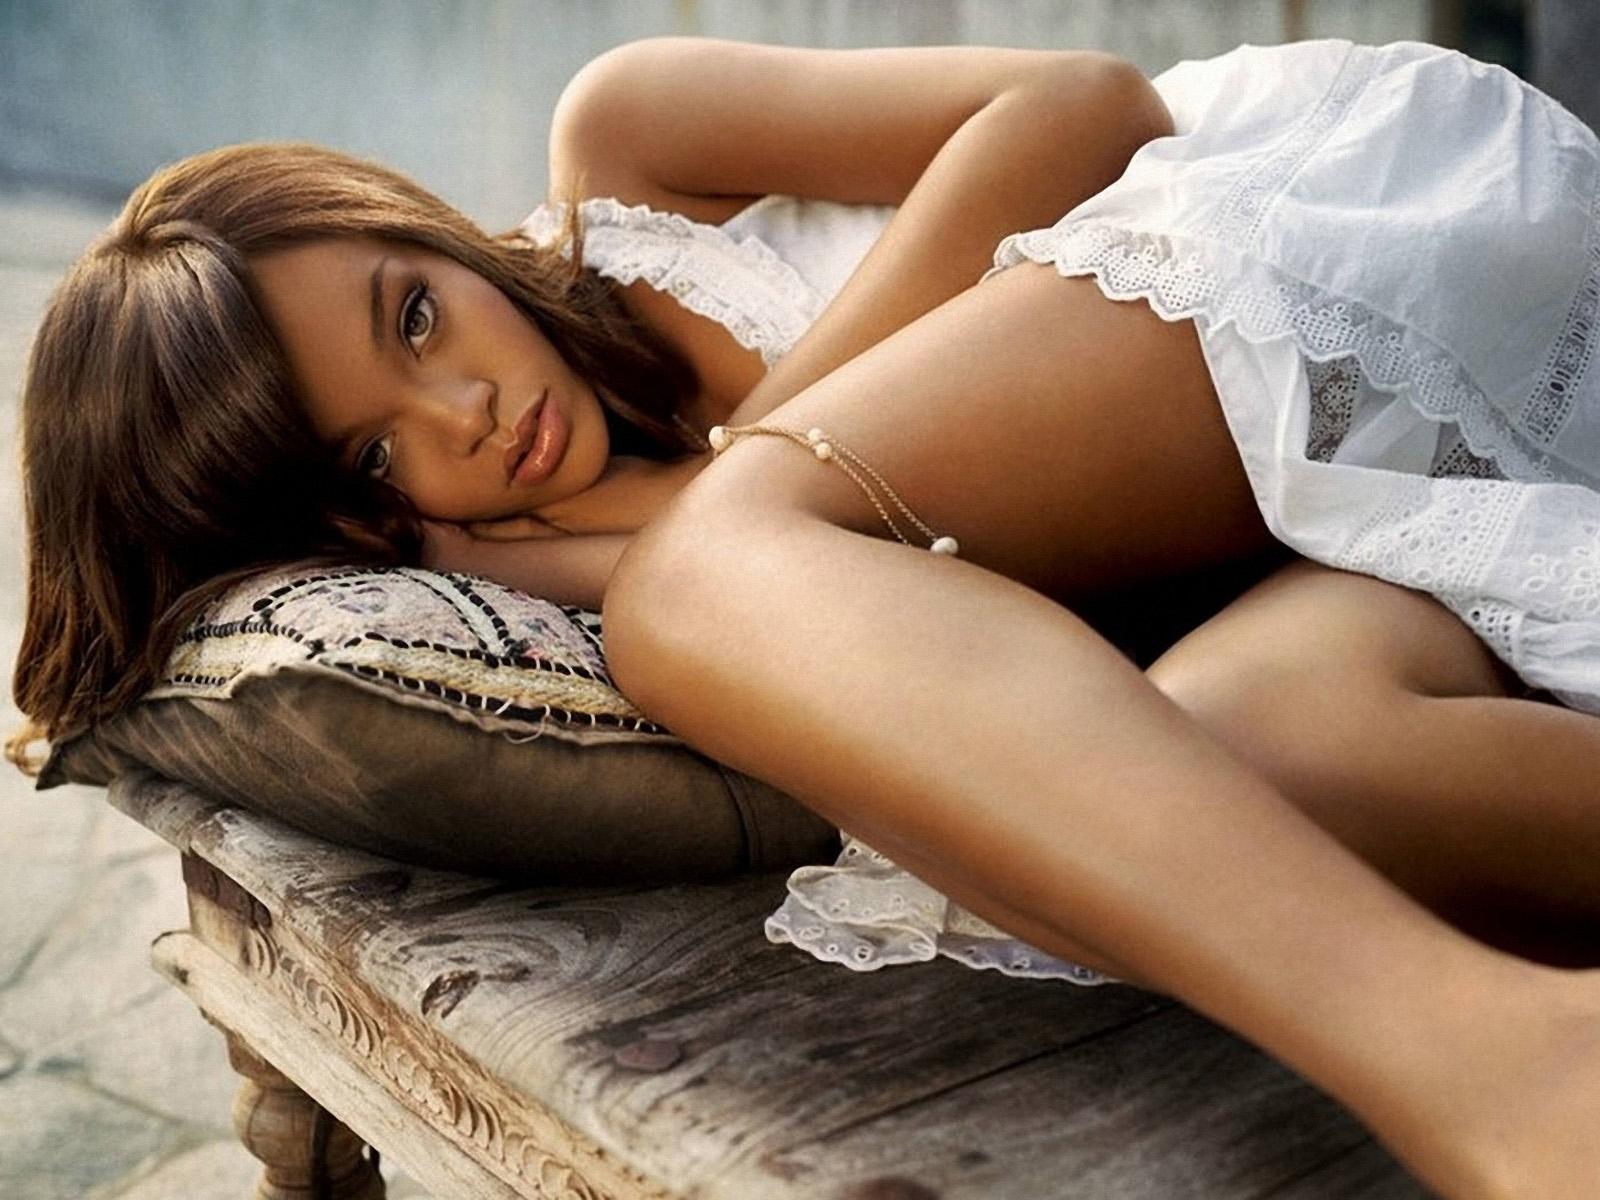 http://3.bp.blogspot.com/-YGy6XTtZyG8/Tyaosn5WjCI/AAAAAAAAC8w/3wJAMTpOzTg/s1600/Rihanna-wallpapers-2012-5.jpg